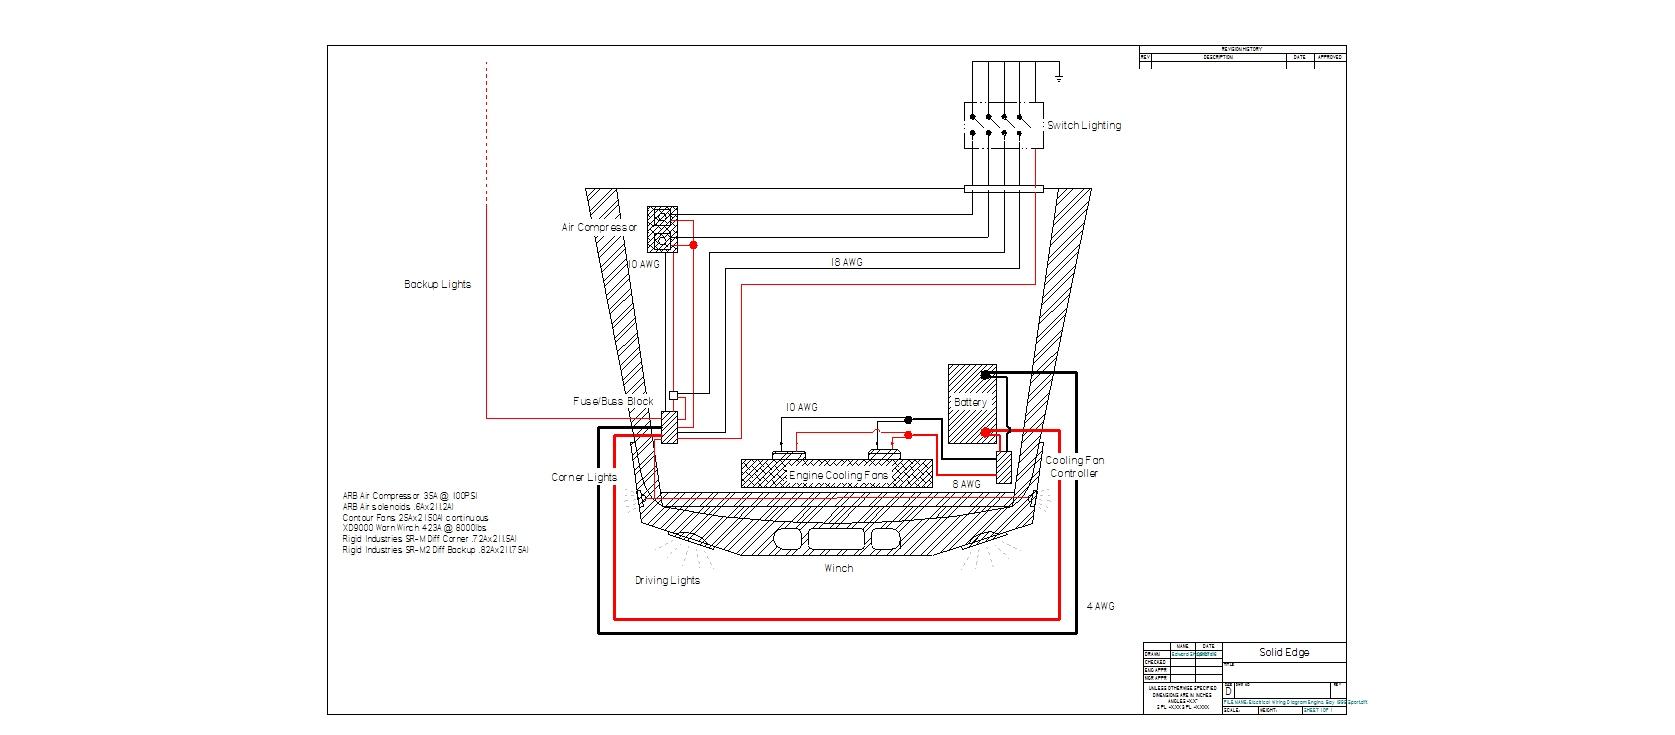 Viair 480c Wiring Diagram